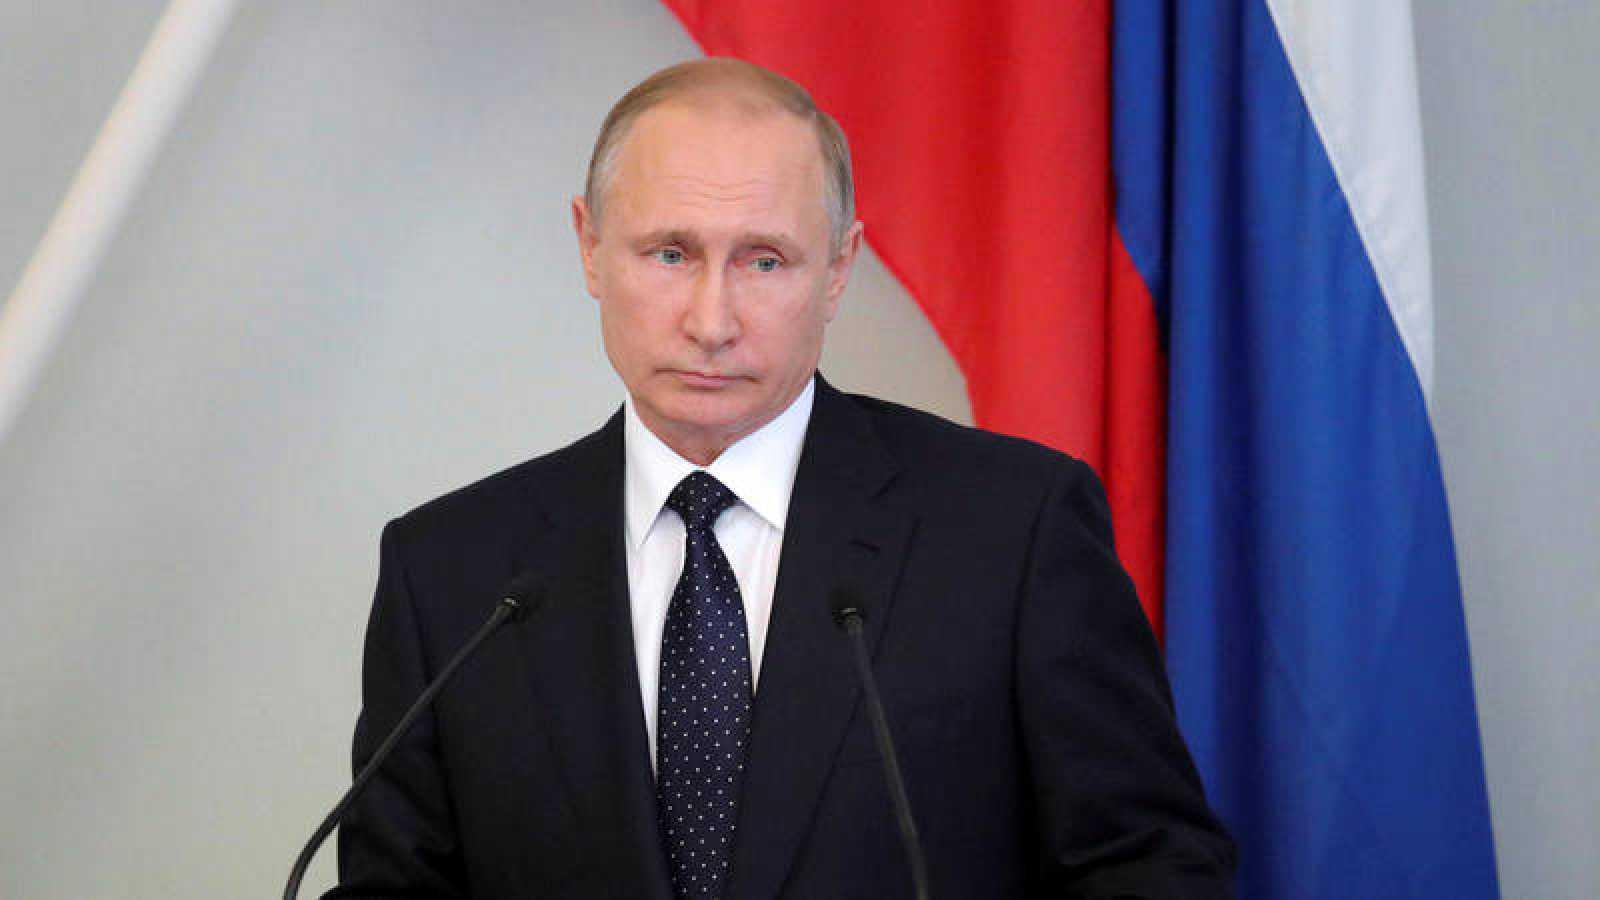 El presidente ruso, Vladimir Putin, durante una conferencia en Finlandia.